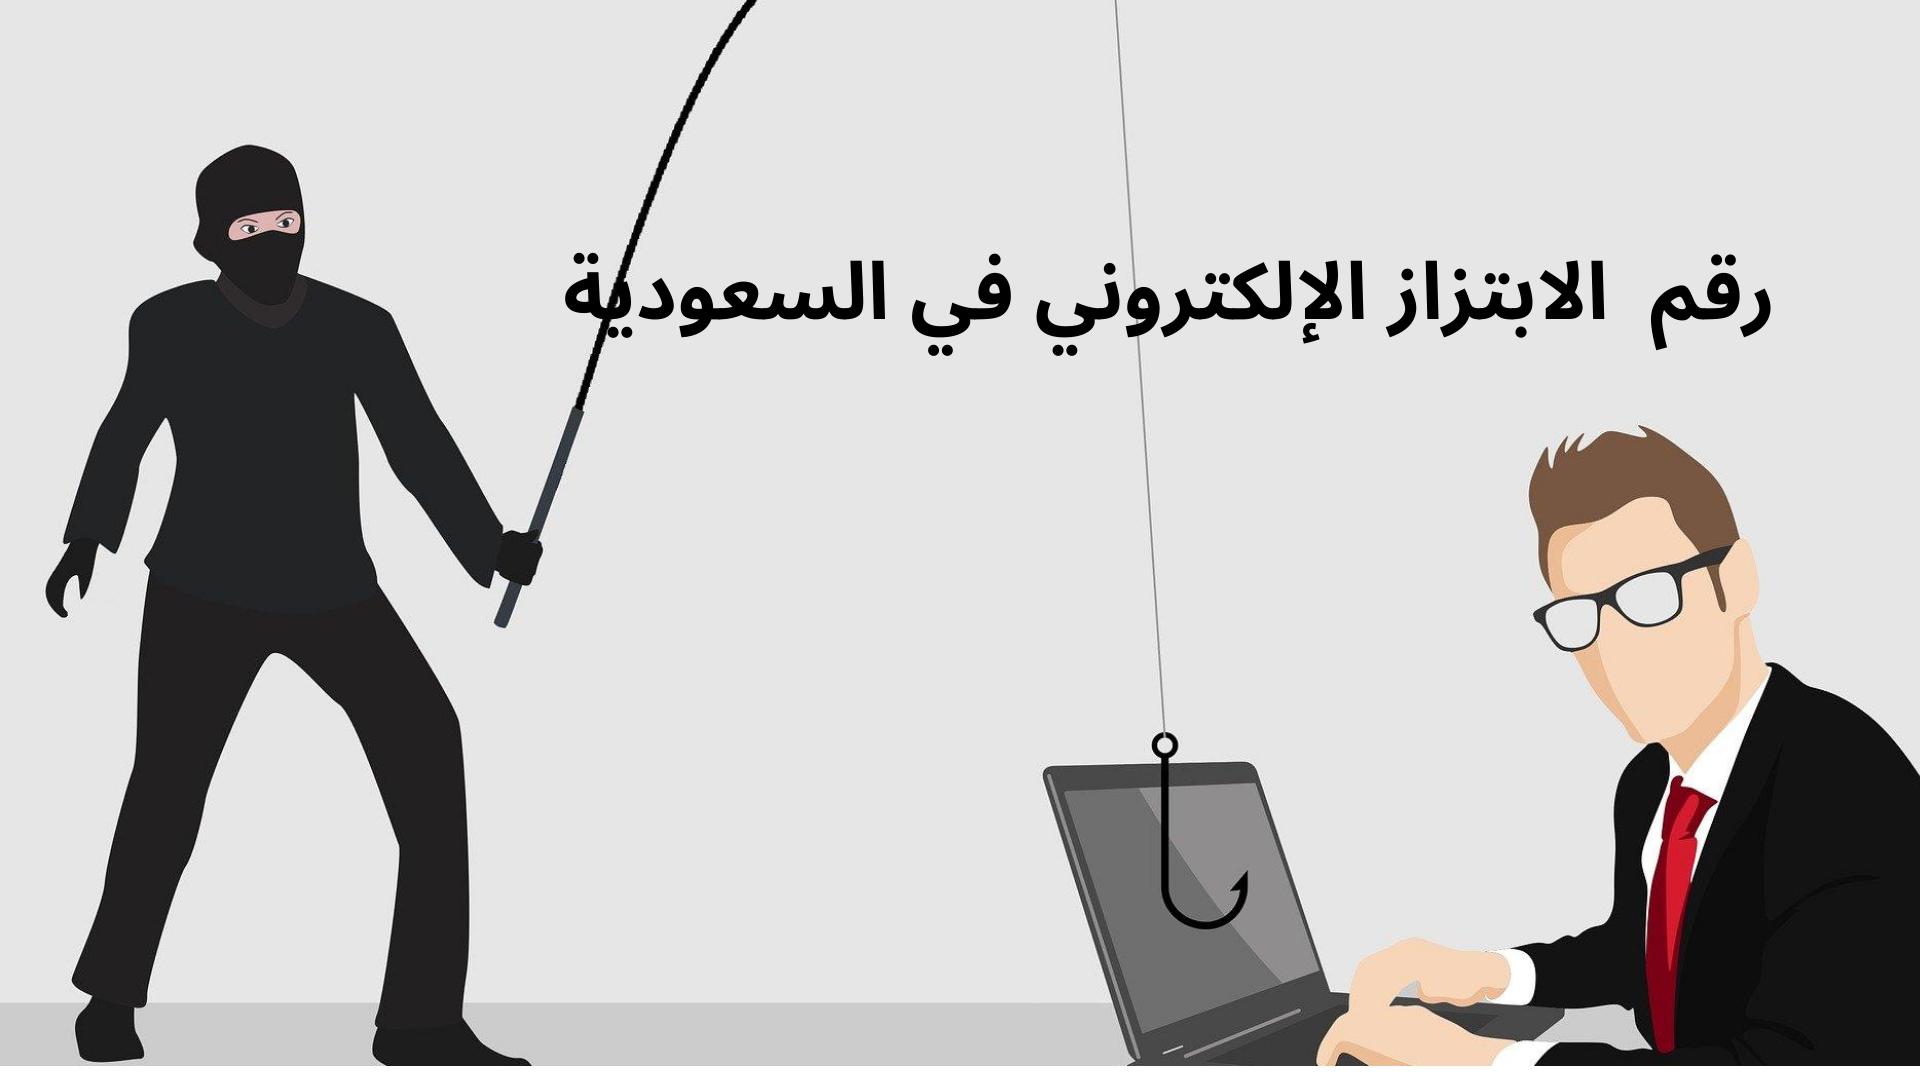 رقم الابتزاز الإلكتروني في السعودية